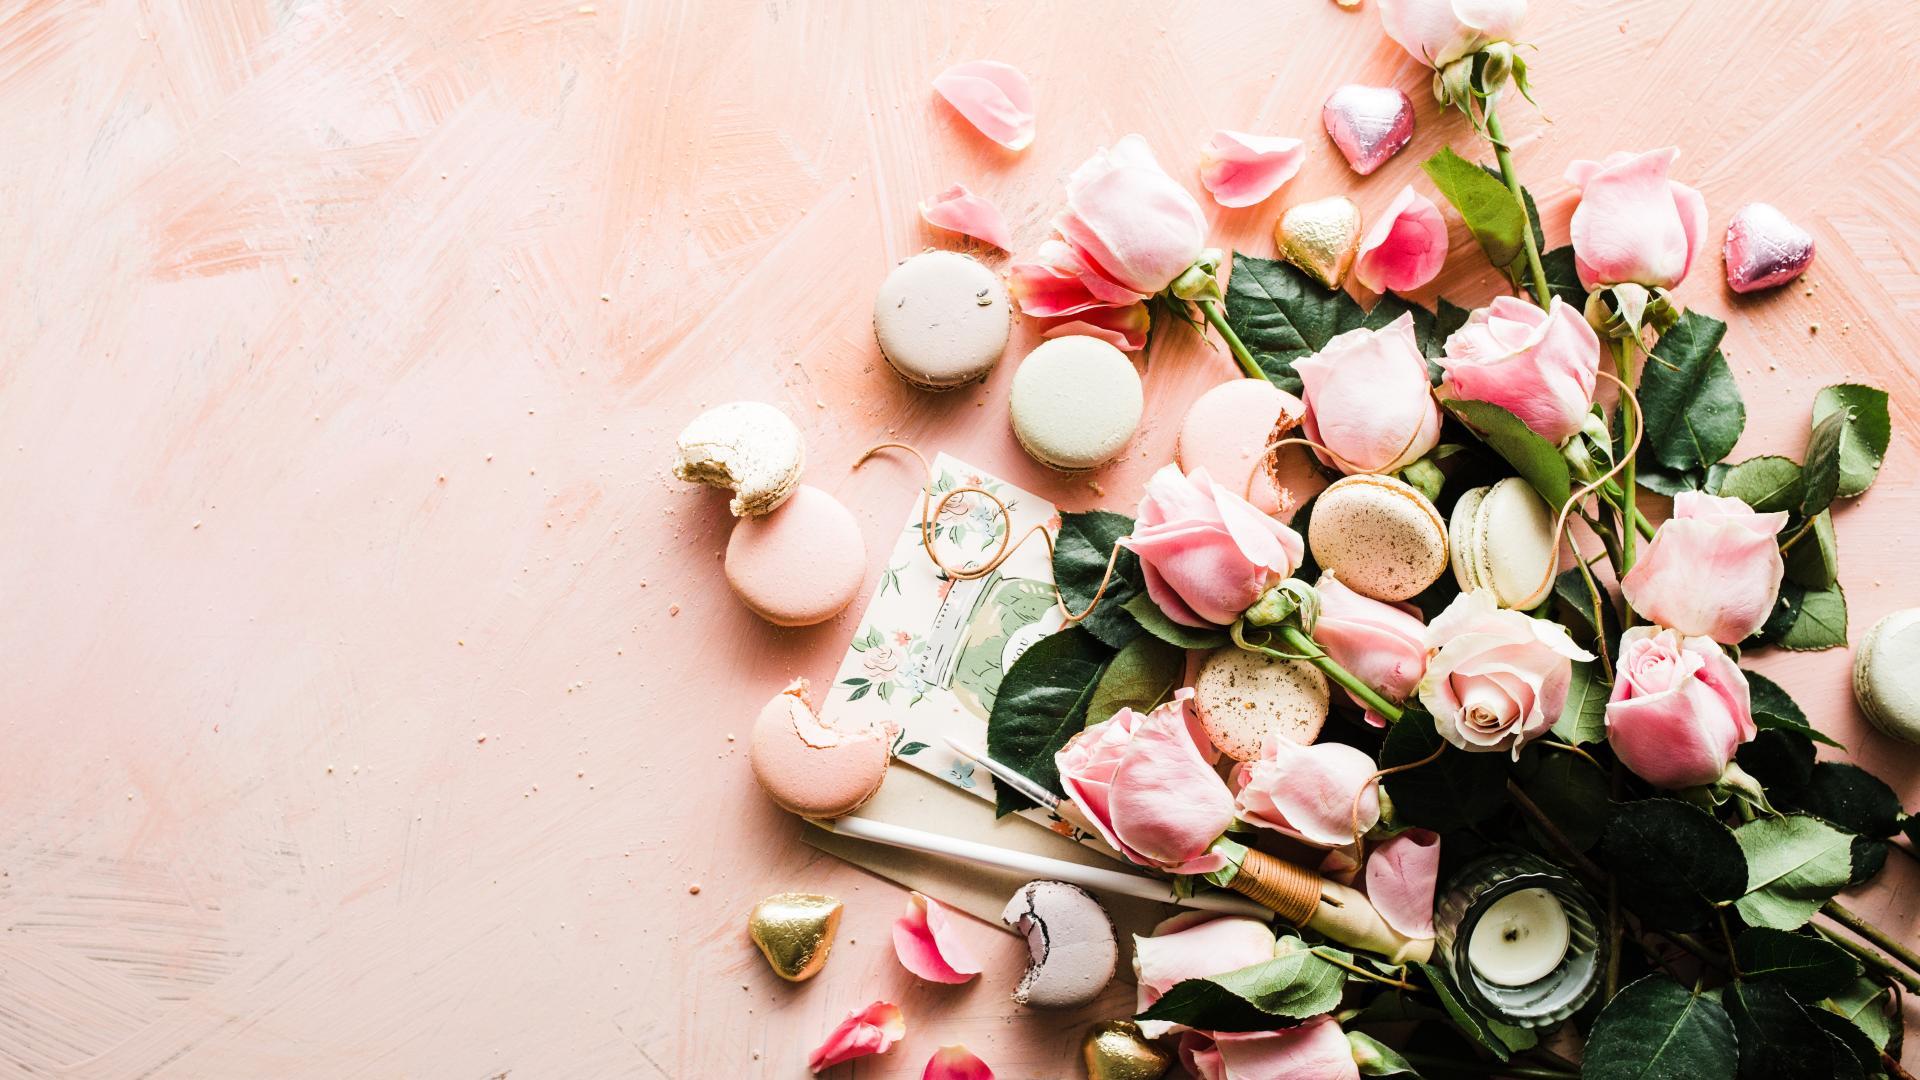 Pinke Rosen und pinke Macarons